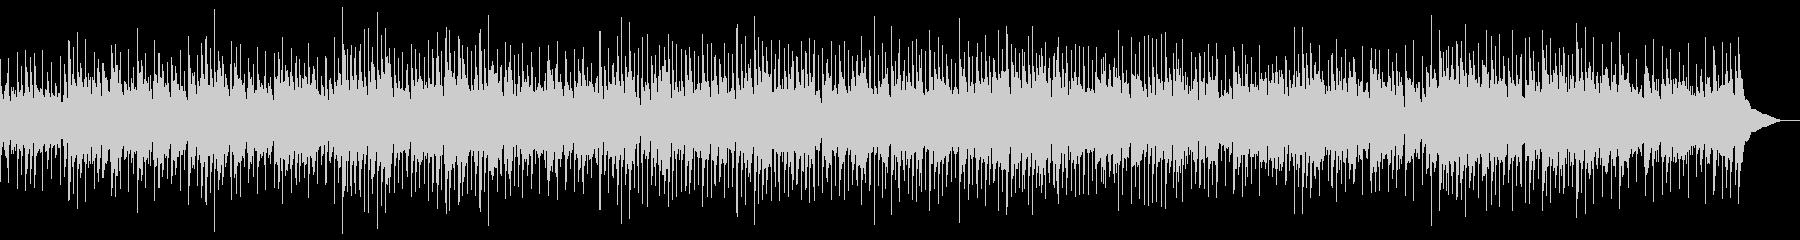 ジャズの要素も取り入れたポップの未再生の波形